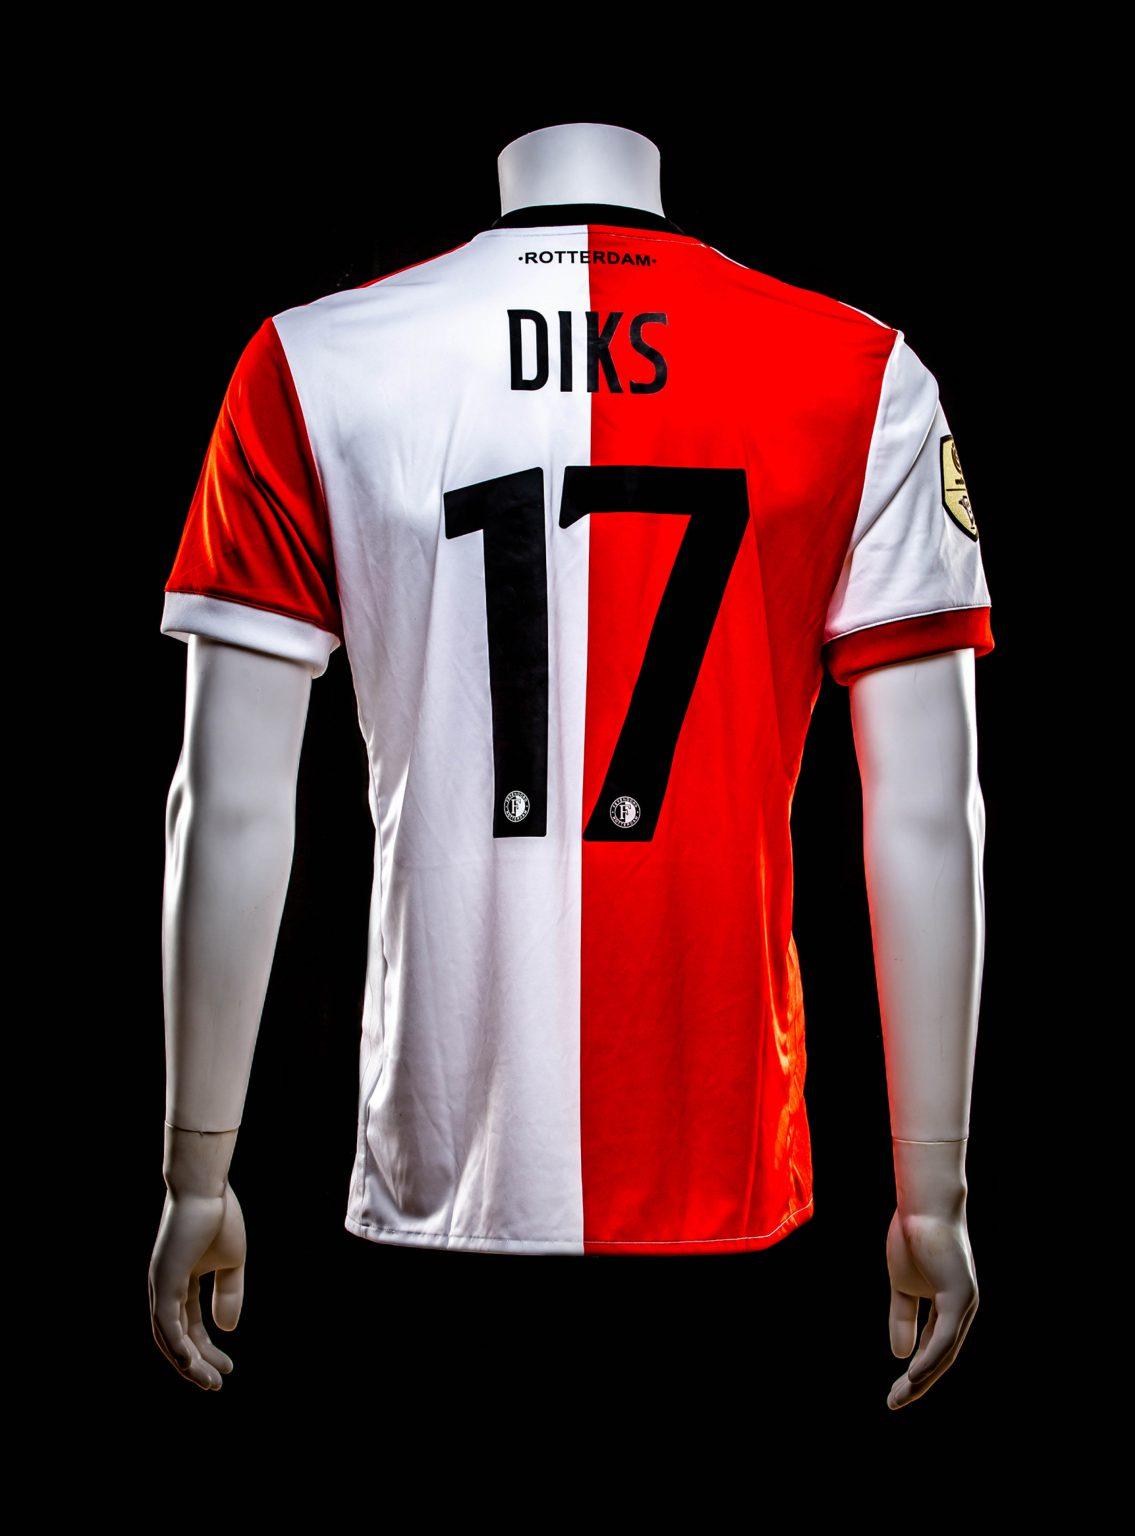 #17 Kevin Diks